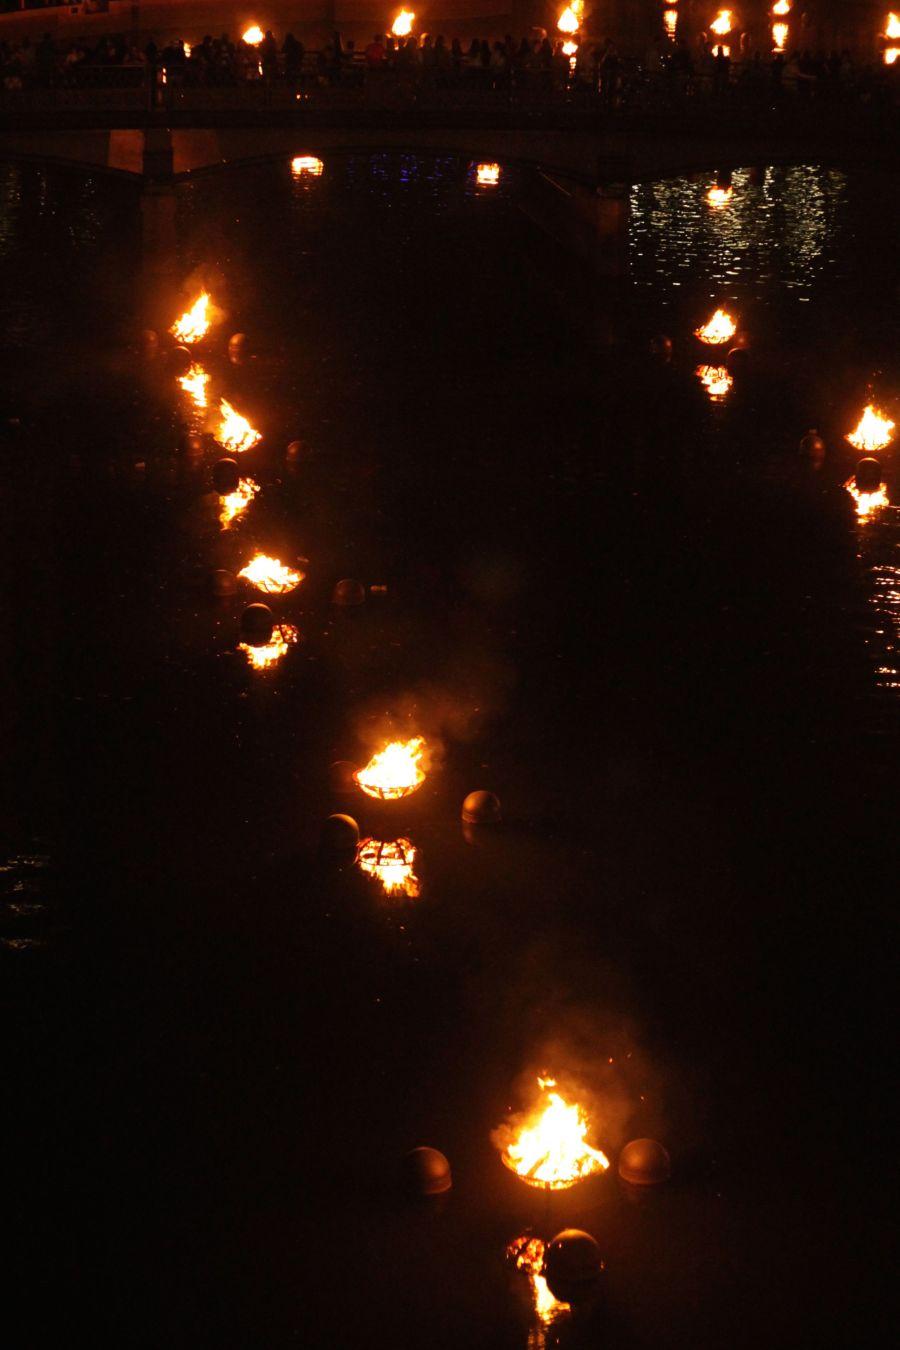 rhode island providence rhode island water fire festival 2